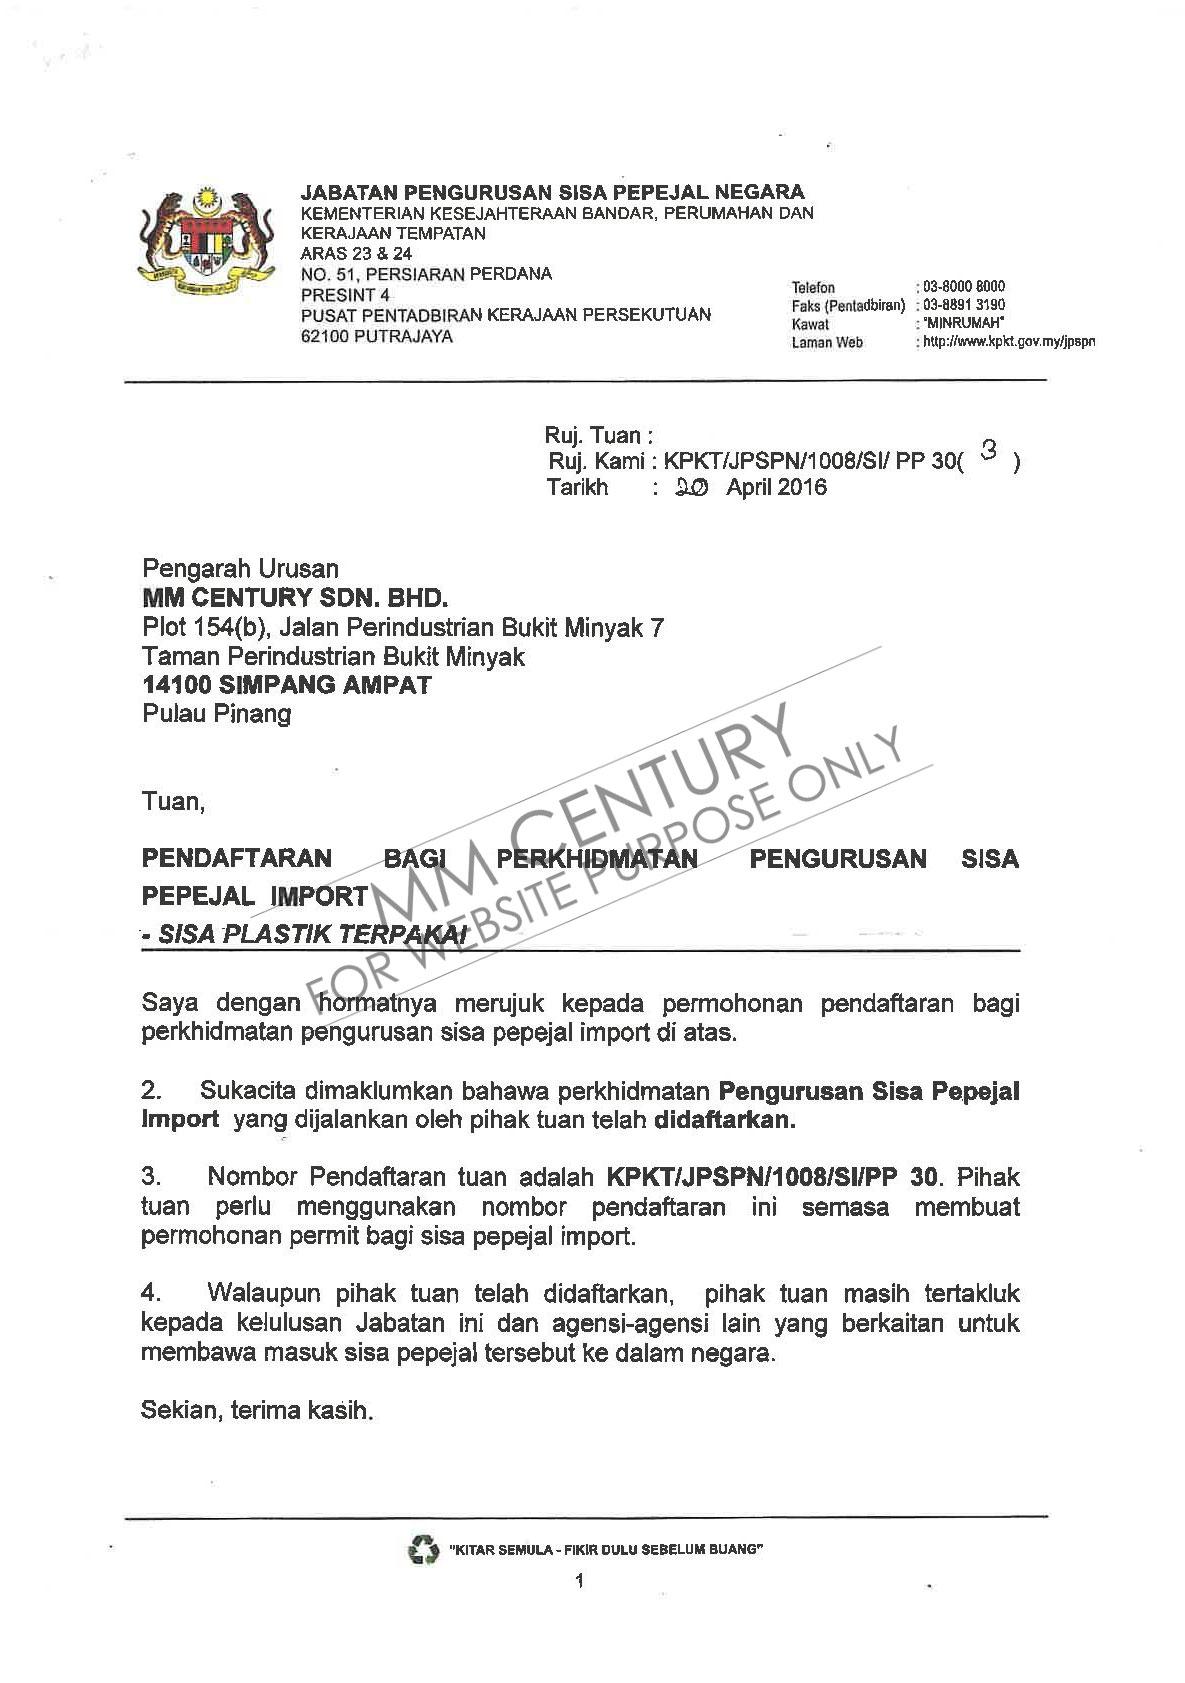 MM Century- Certificate, Jabatan Pengurusan Sisa Pepejal Negara